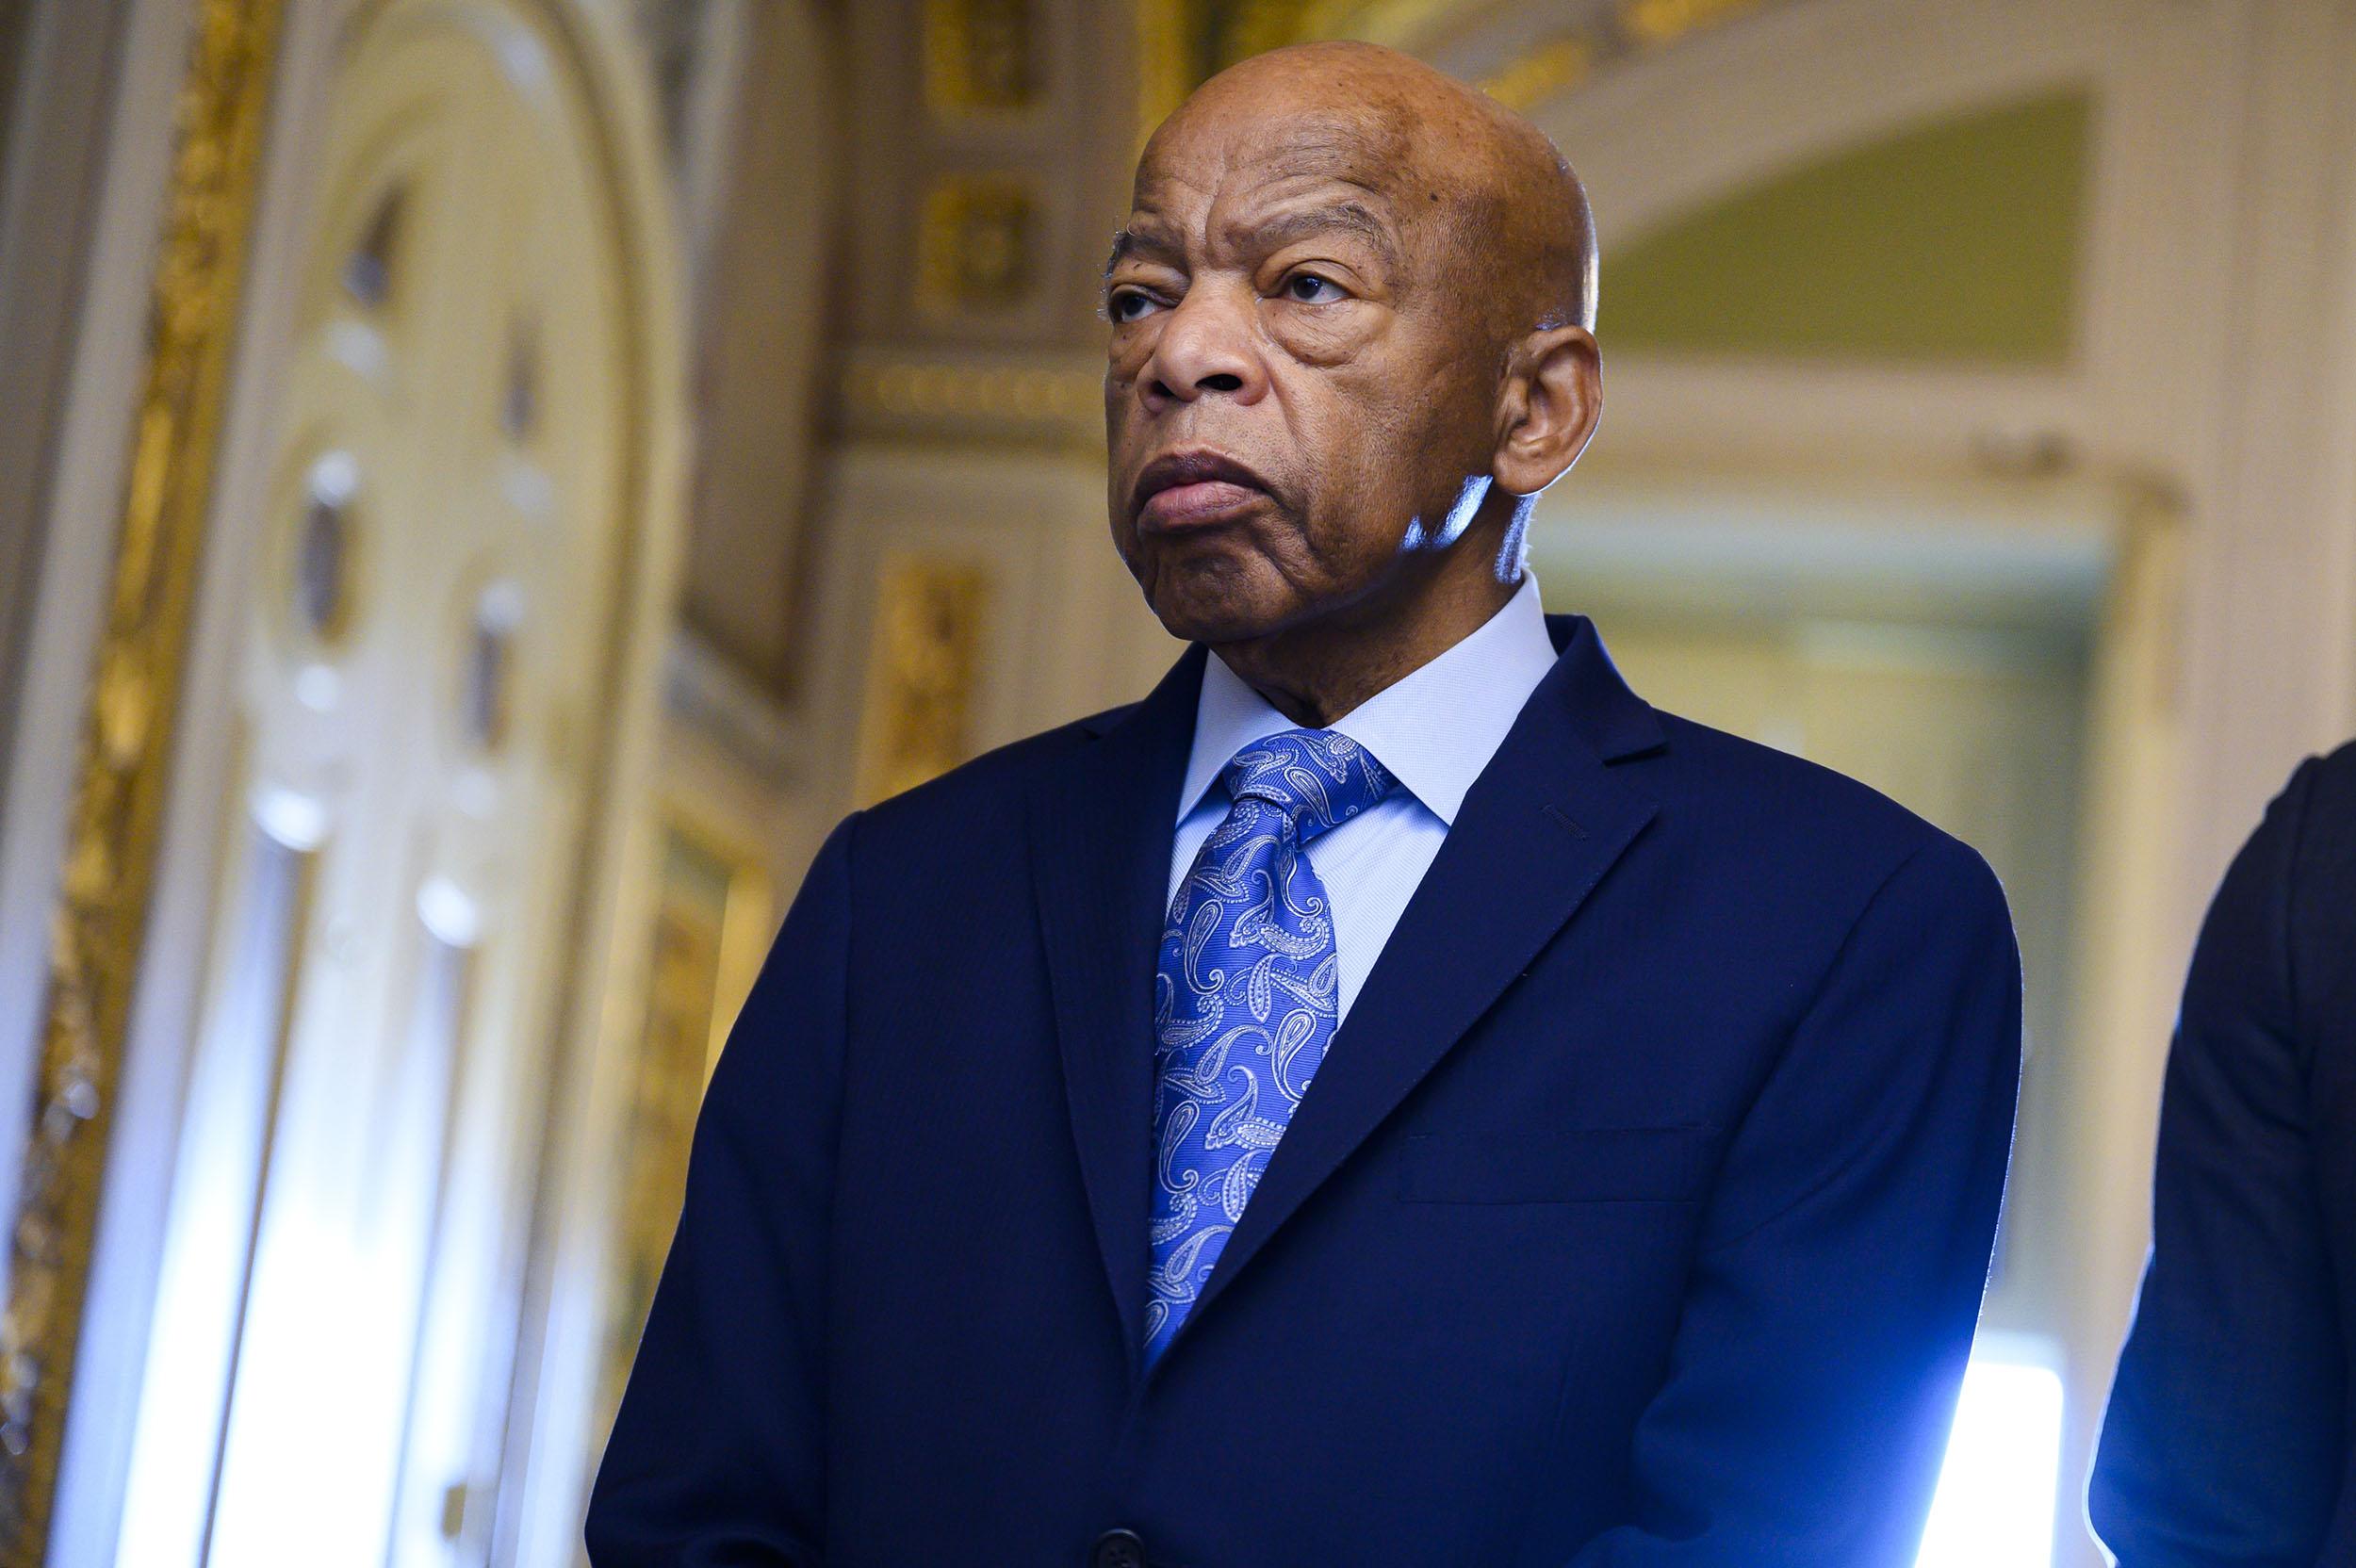 Rep. John Lewis, D-Ga., in the Capitol on December 3, 2019.